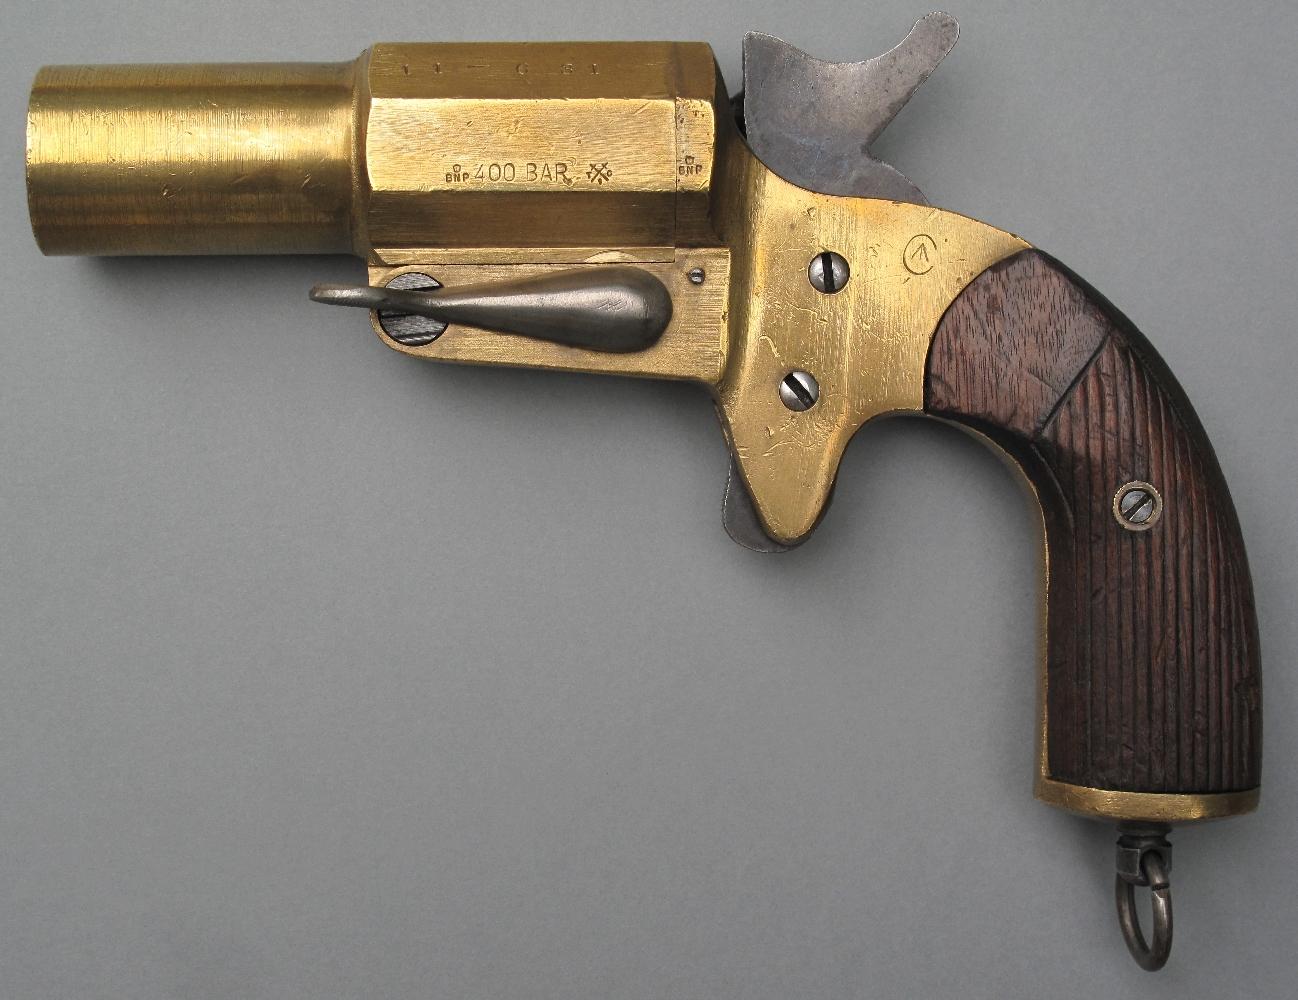 Afin de faciliter l'approvisionnement en cartouches de leur corps expéditionnaire, les américains adoptent, en août 1918, un modèle dénommé Very Mark IV qui est une copie du pistolet signaleur français de calibre 25 mm.